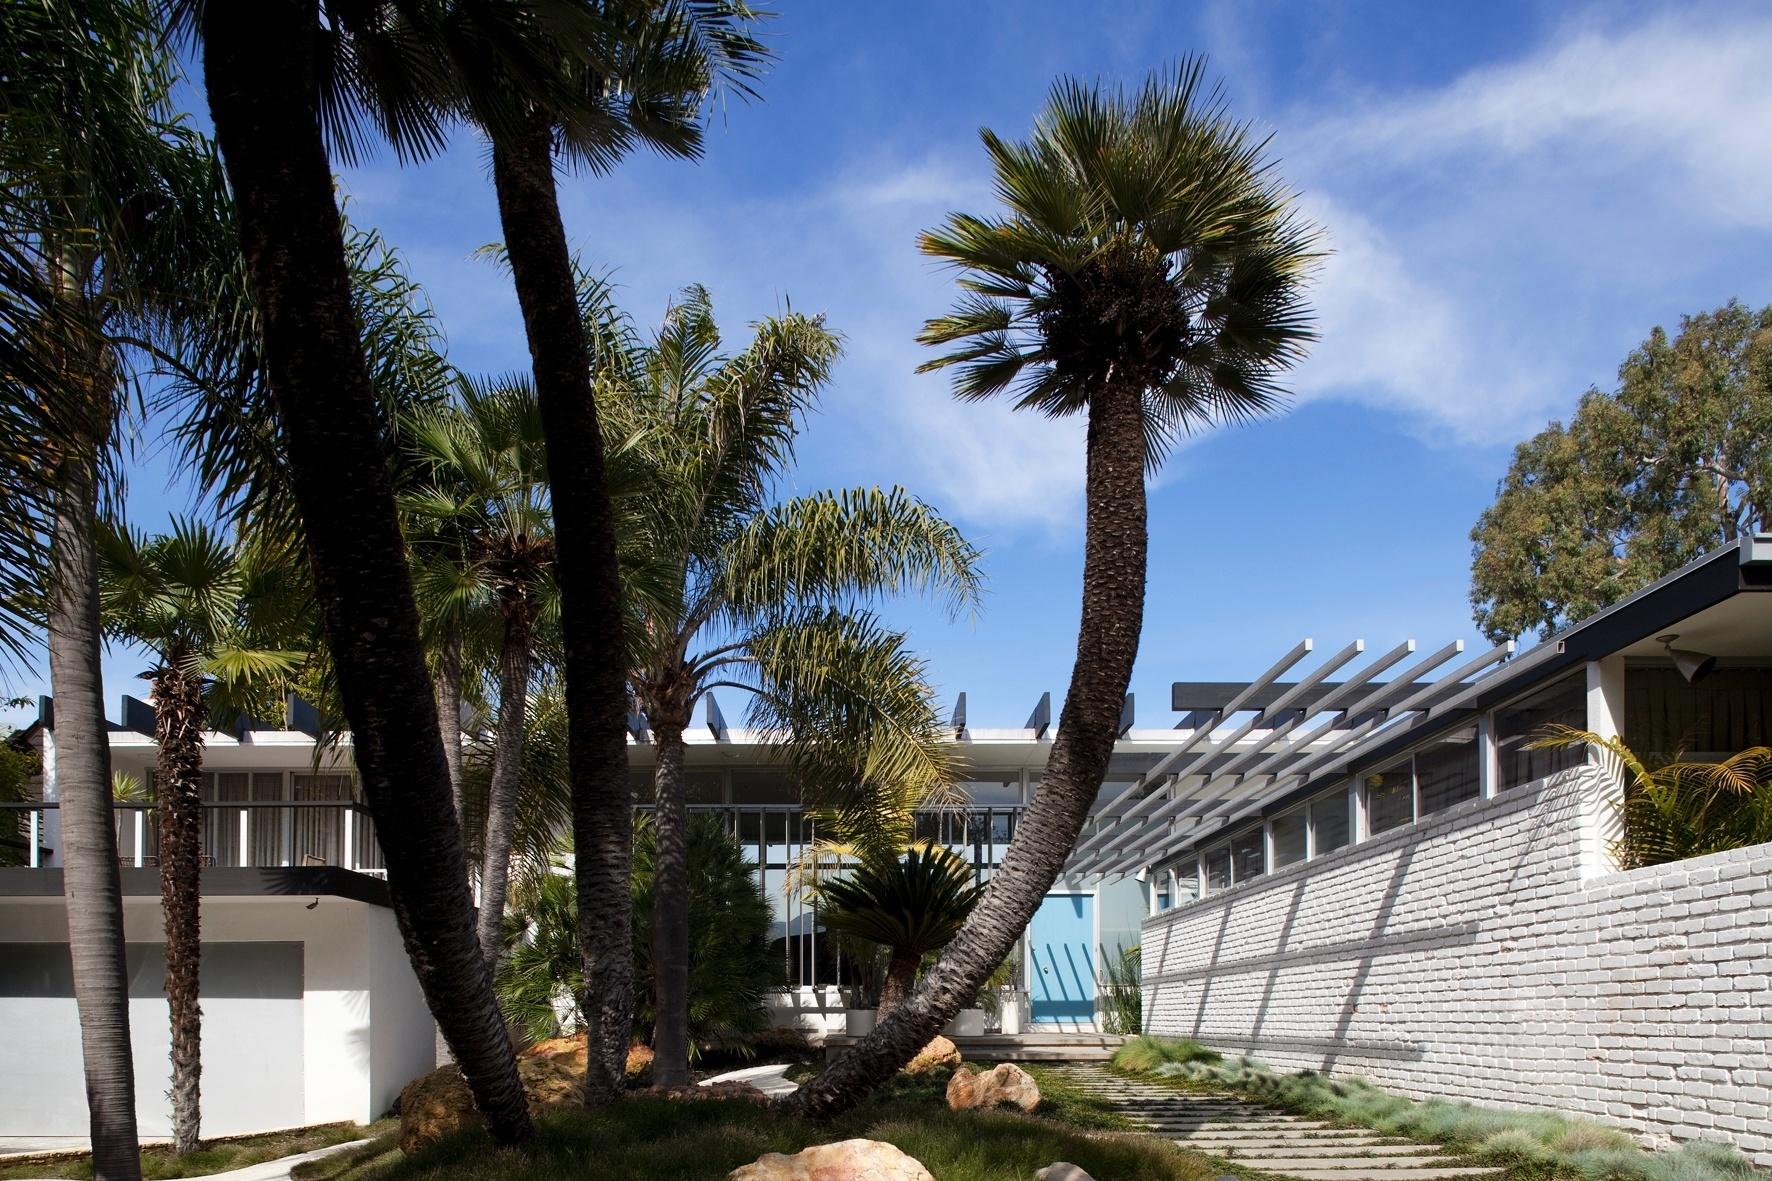 O modernismo de Oscar Niemeyer está expresso nas vigas de concreto que formam uma espécie de pergolado sobre a casa Joseph Strick, em Santa Monica, Califórnia. A casa térrea em formato